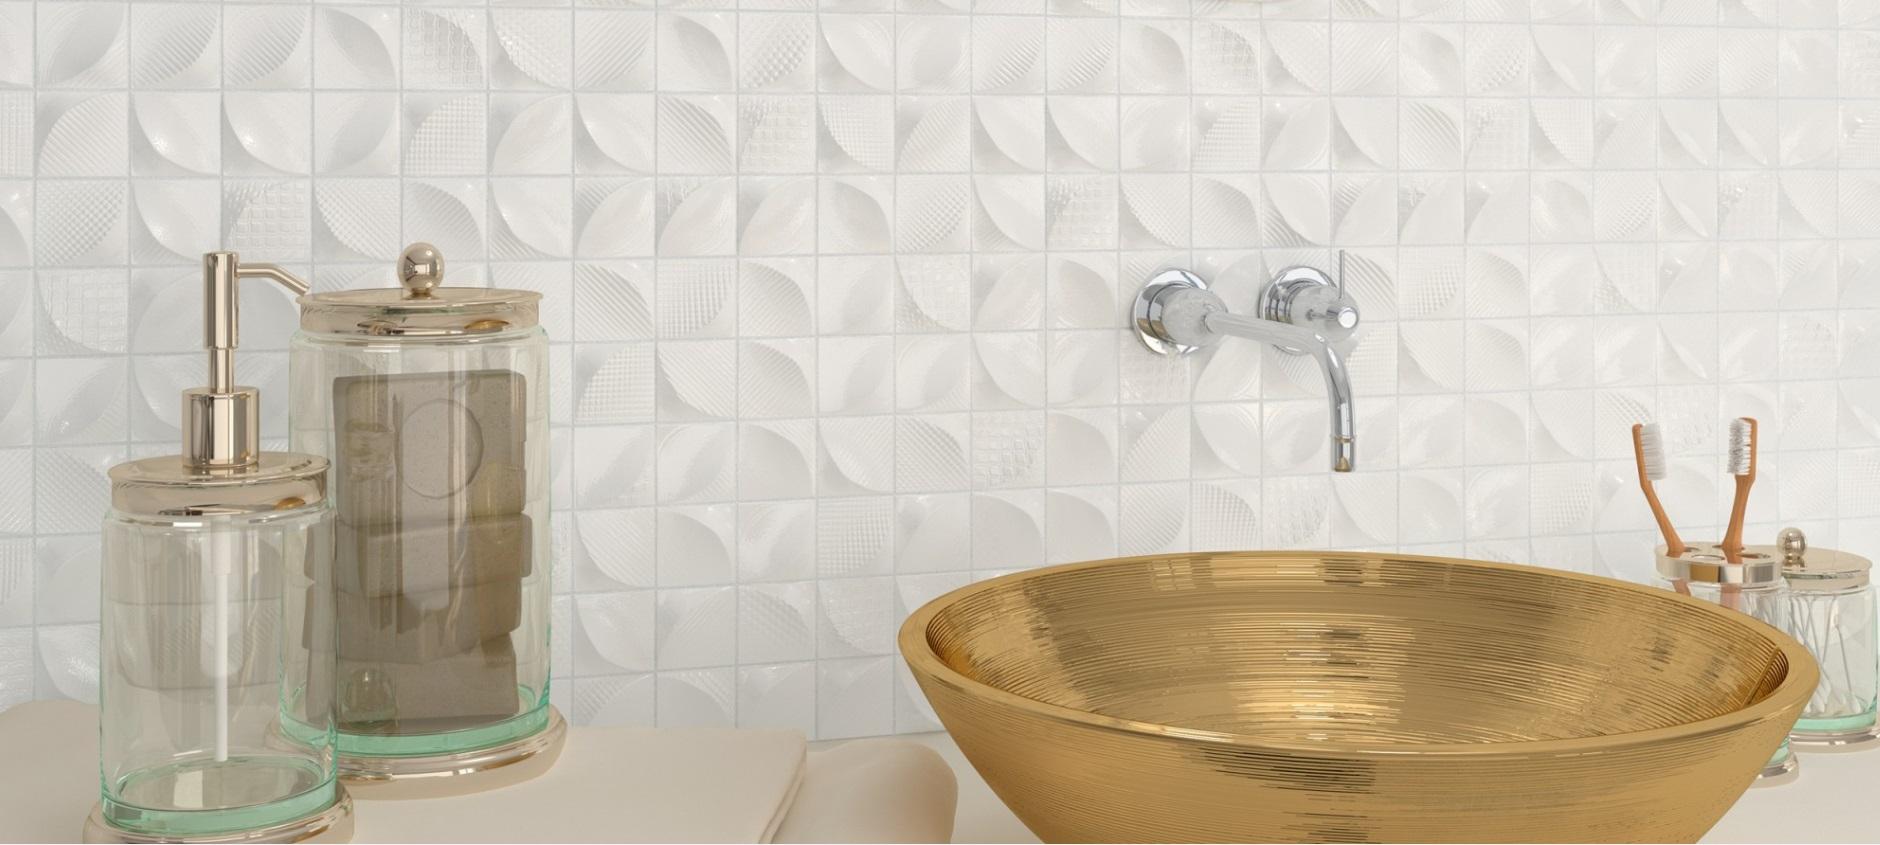 Producent Dune płytki oraz umywlka złota w nowoczesnje łazience